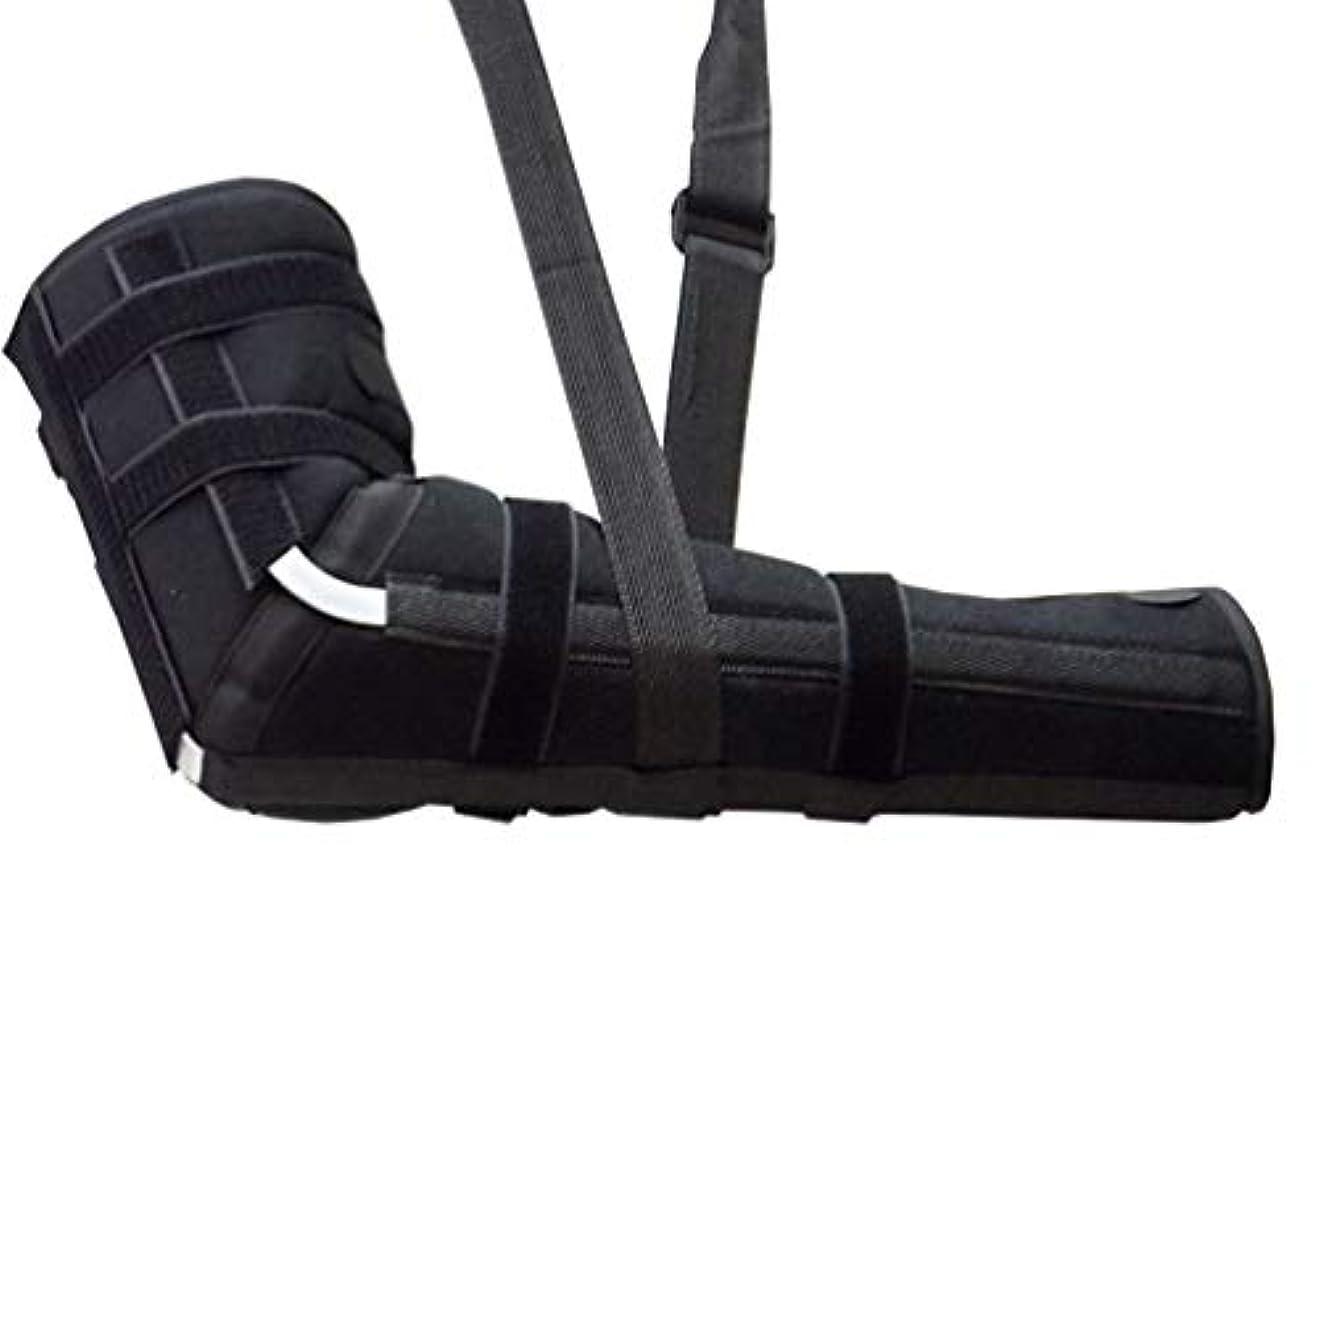 リゾート想像する船員SUPVOX アームリーダー 腕つり用サポーター アームホルダー 安定感 通気性抜群 骨折 脱臼 脱臼時のギプス固定に 調節可能